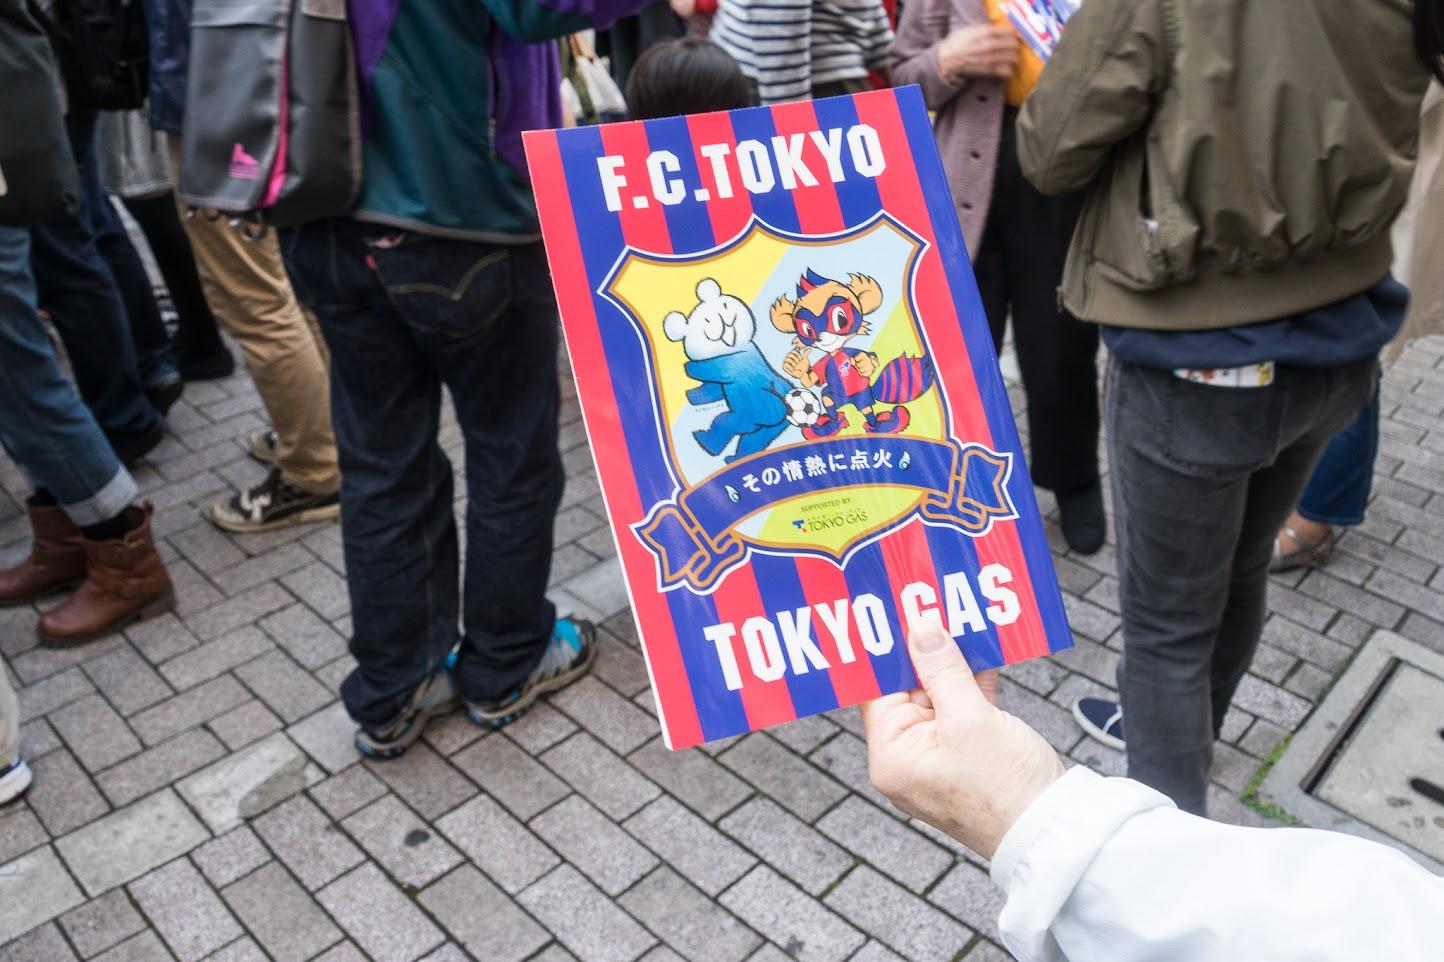 FC TOKYOノートもプレゼントされました